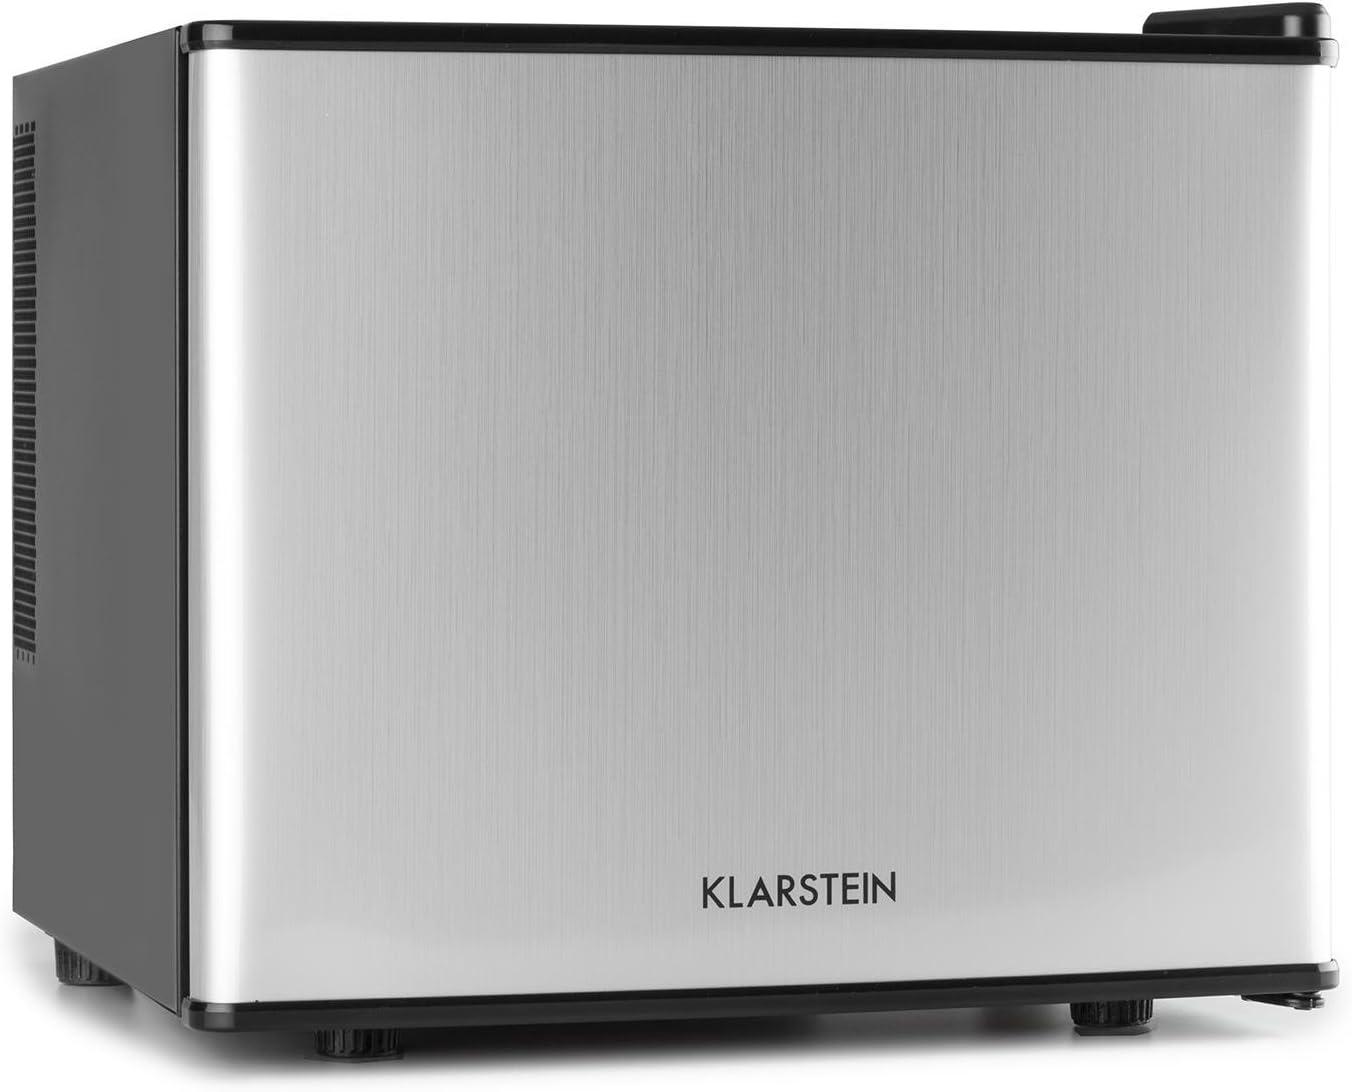 Klarstein Geheimversteck - Minibar, Mini nevera, Nevera para bebidas, Clase A+, 17 Litros, 38,5 x 33,5 x 41,5 cm, Silenciosa, Regulador de temperatura continuo, Ahorro de espacio, Plateado